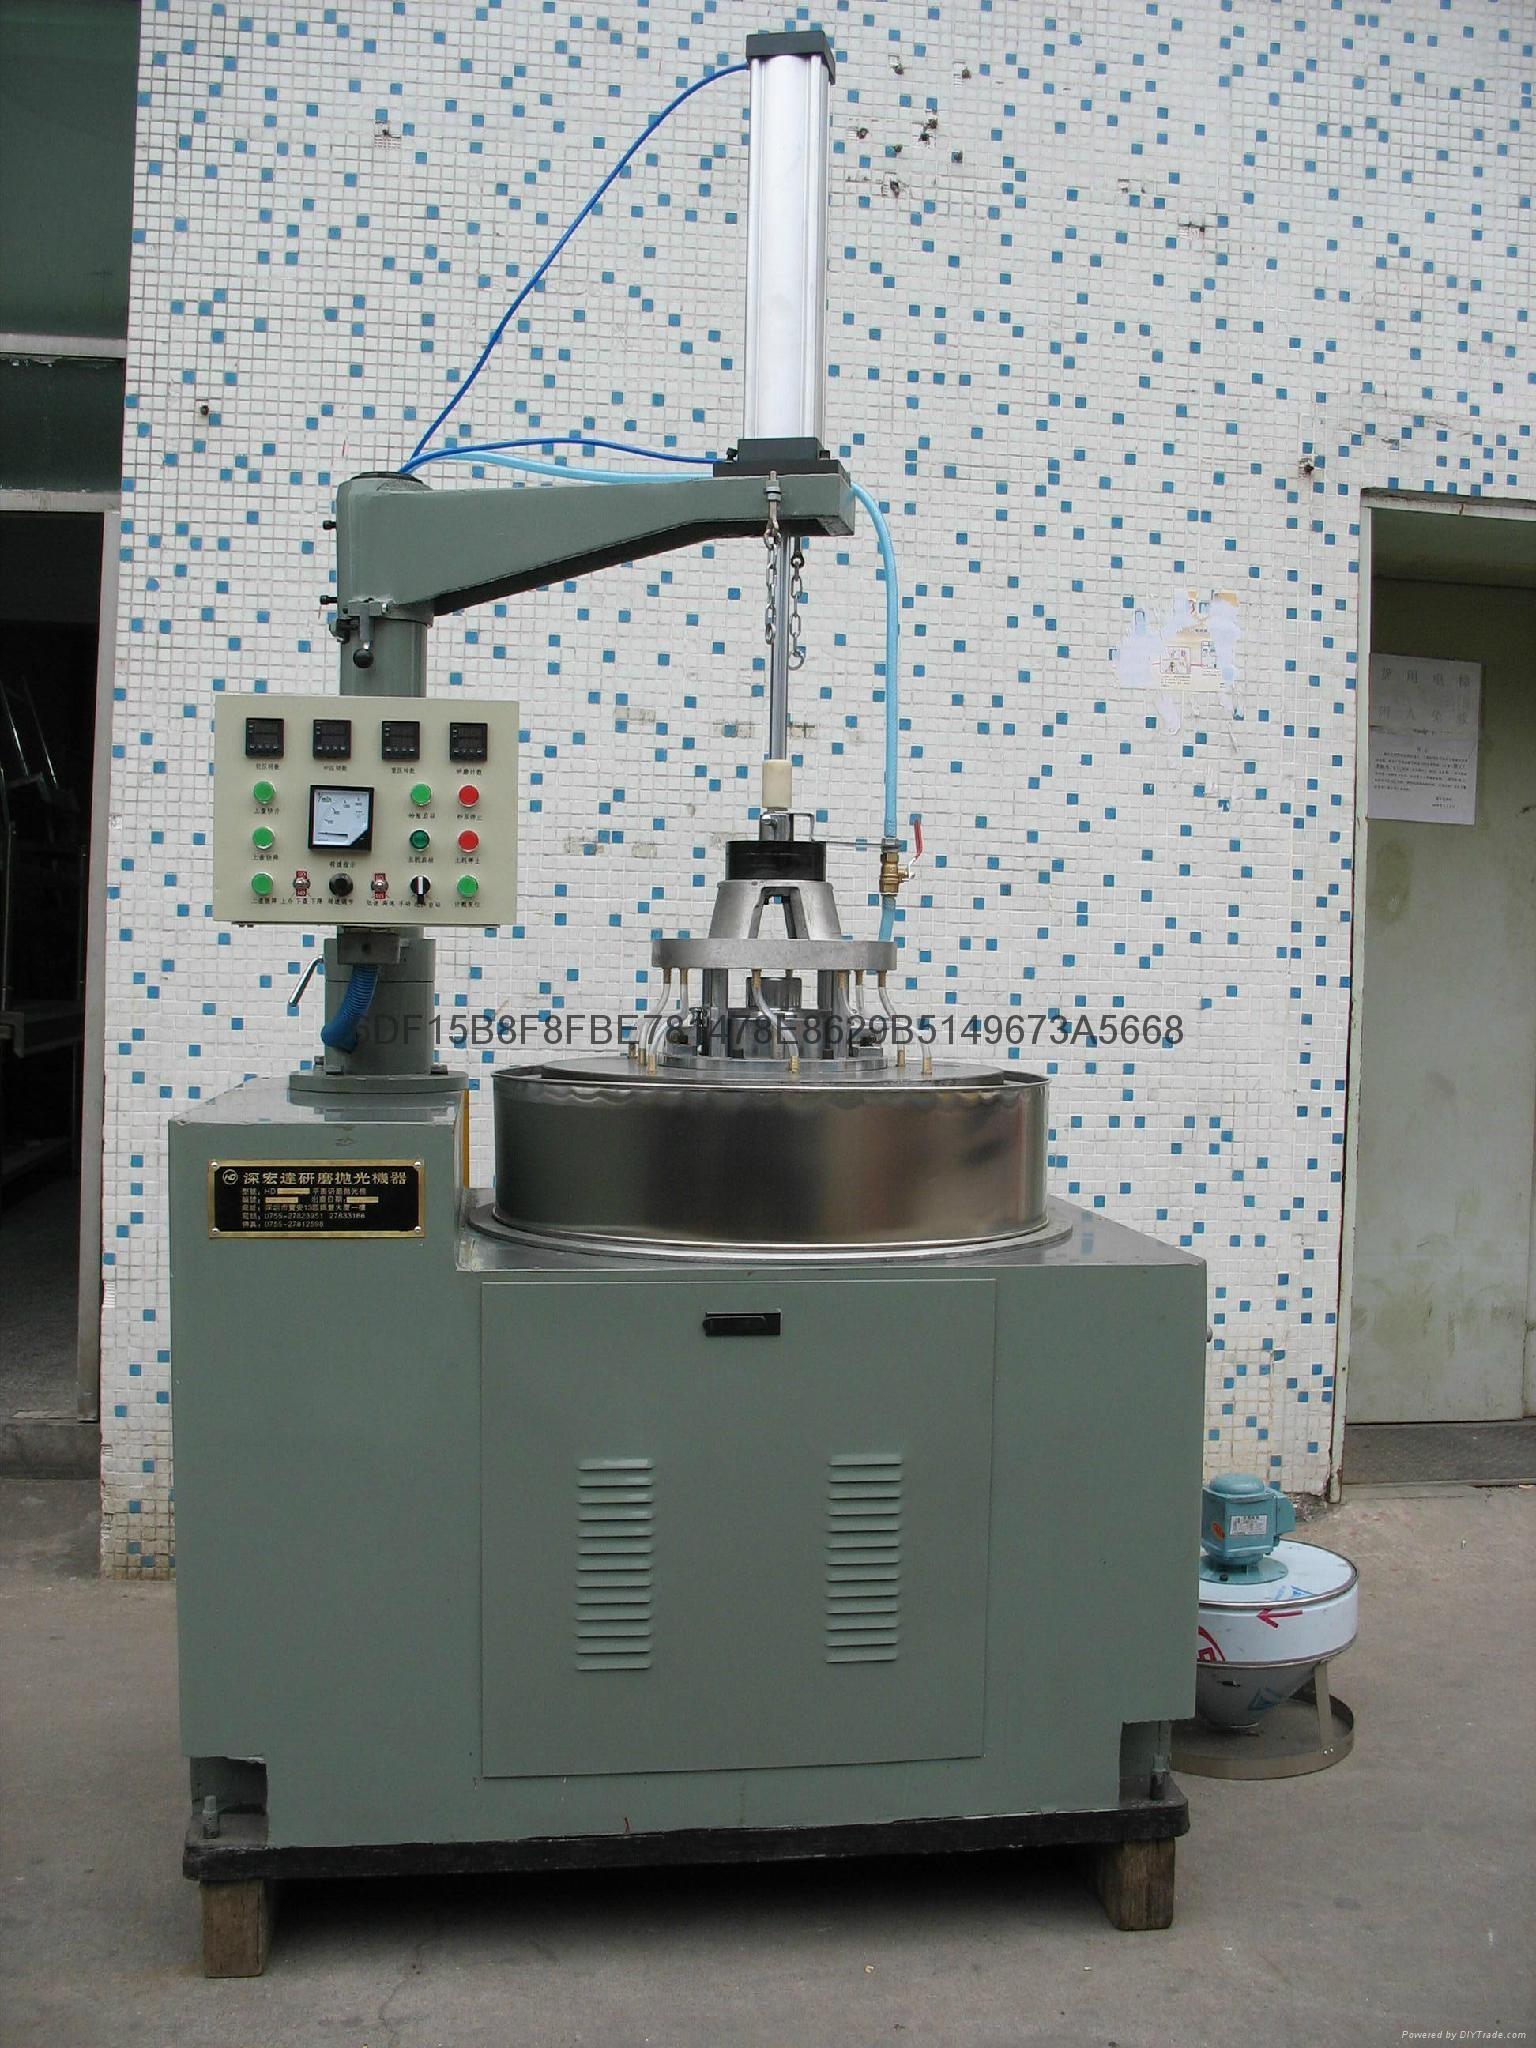 陶瓷覆铜电路板DBC高精度双面研磨抛光机 1